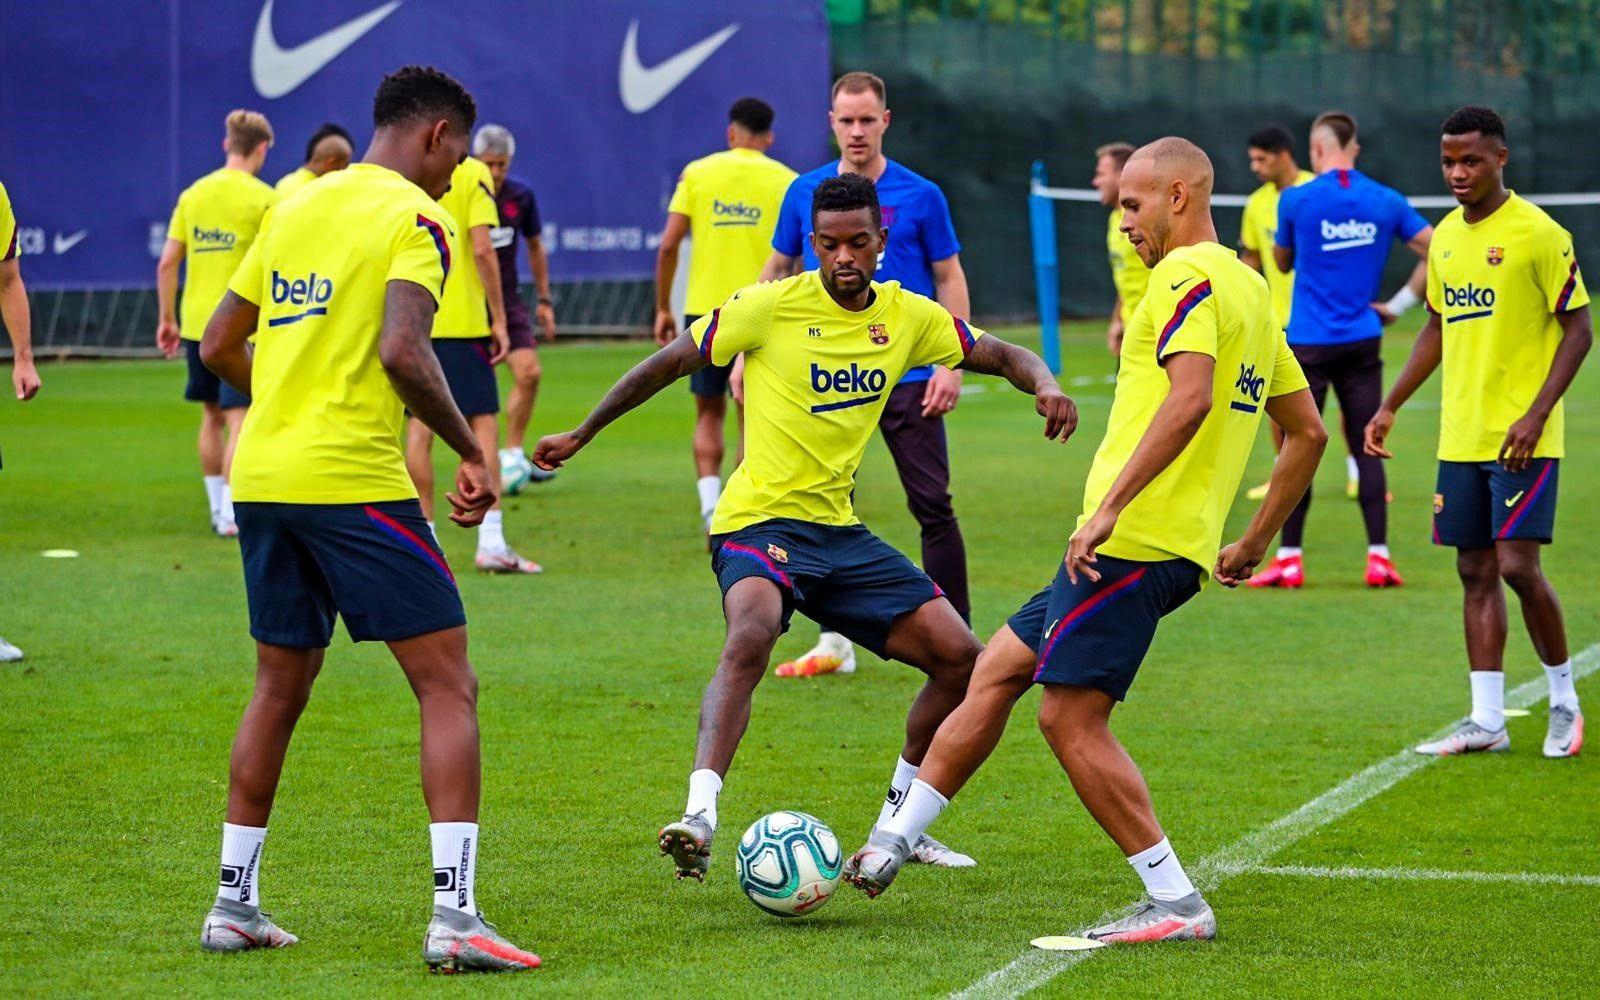 En agosto, Barcelona irá por la clasificación a los cuartos de final de la Champions League (FC BARCELONA)